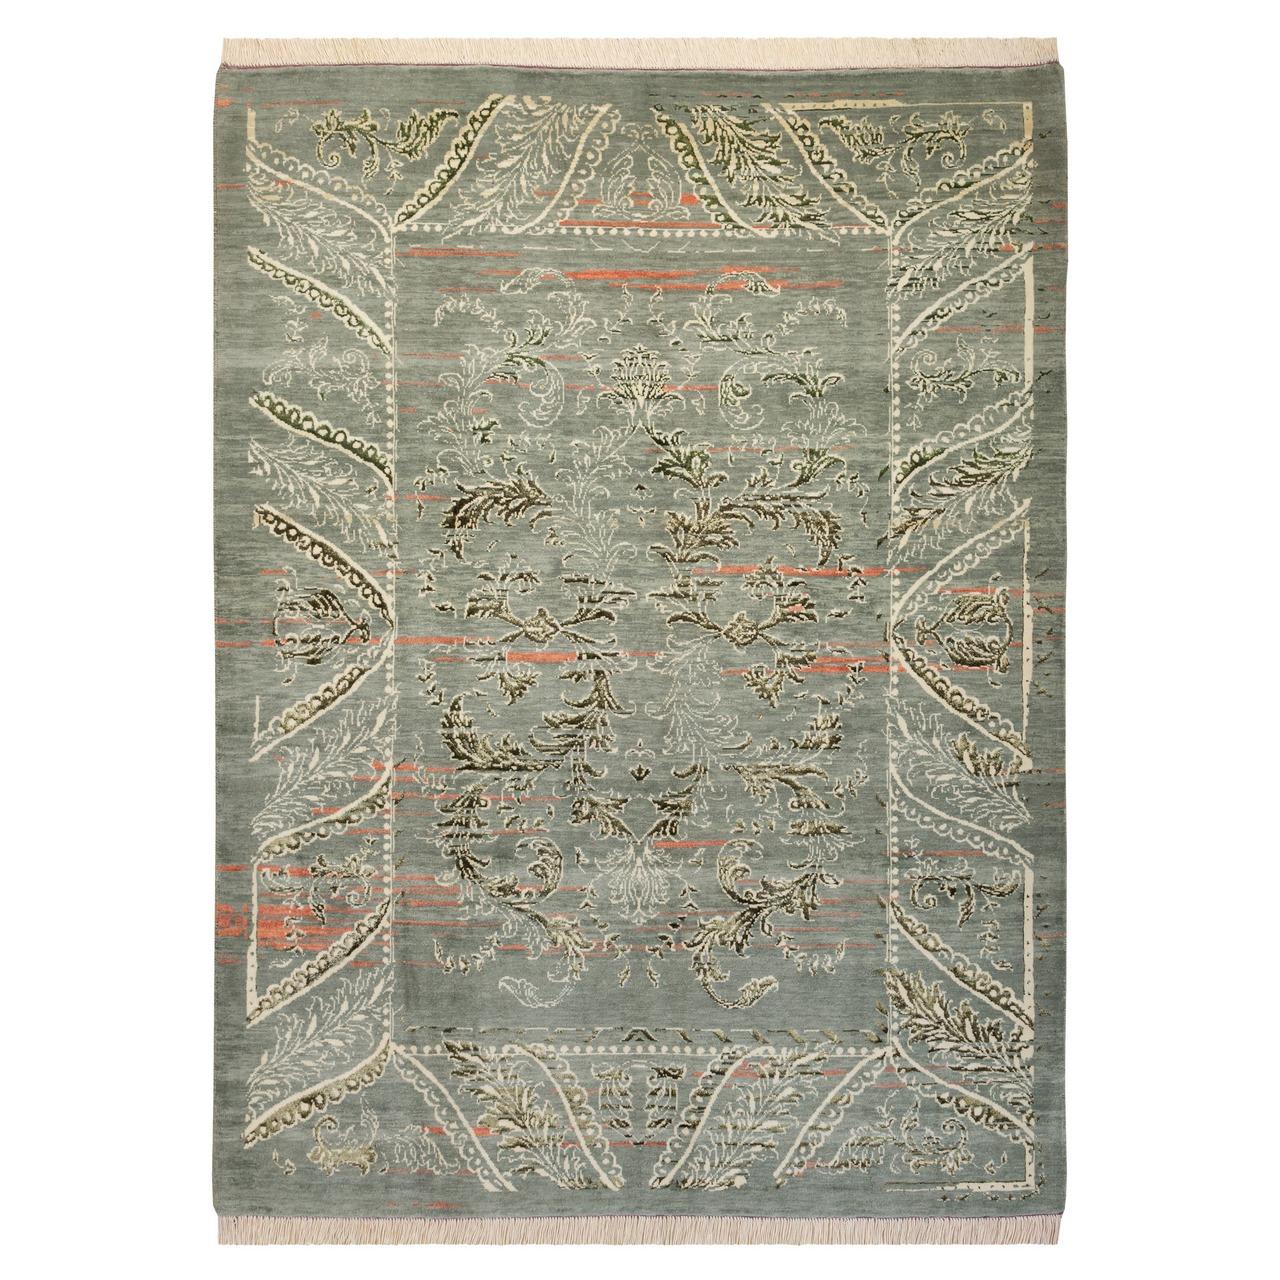 فرش دستباف سه و نیم متری سی پرشیا کد 701242